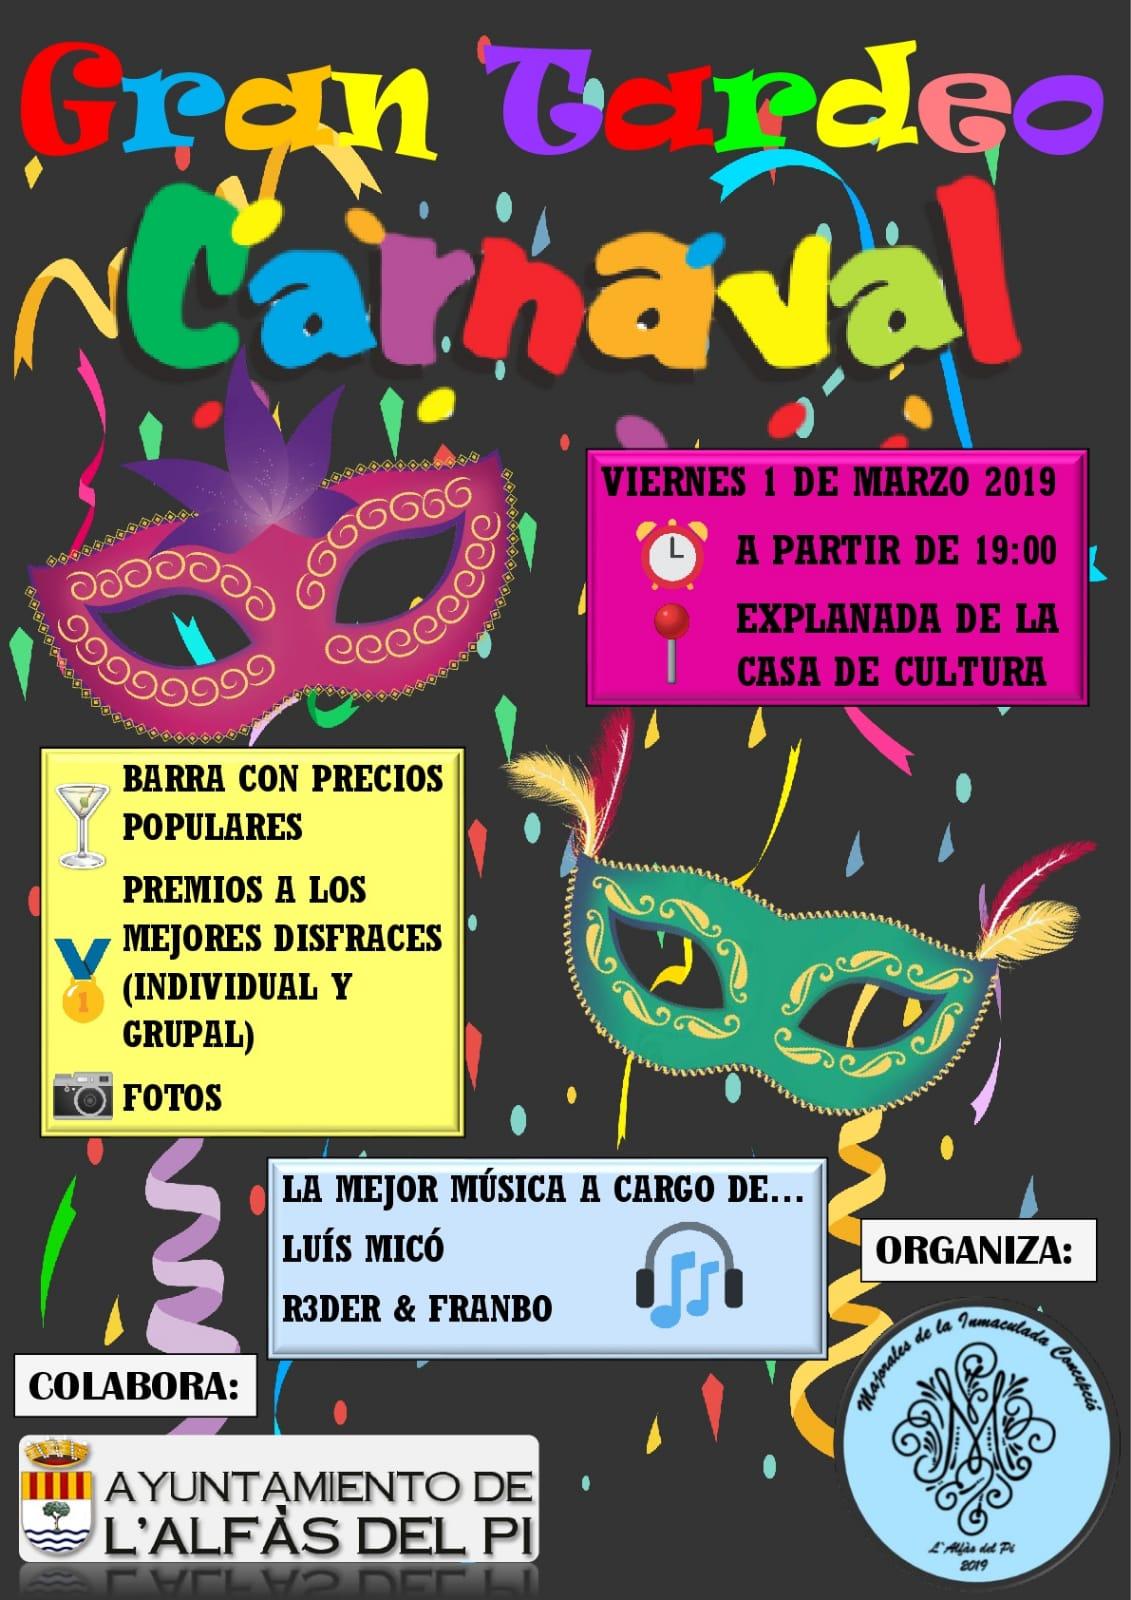 Las Mayoralas de la Purísima organizan en l'Alfàs del Pi un carnaval para todos los públicos